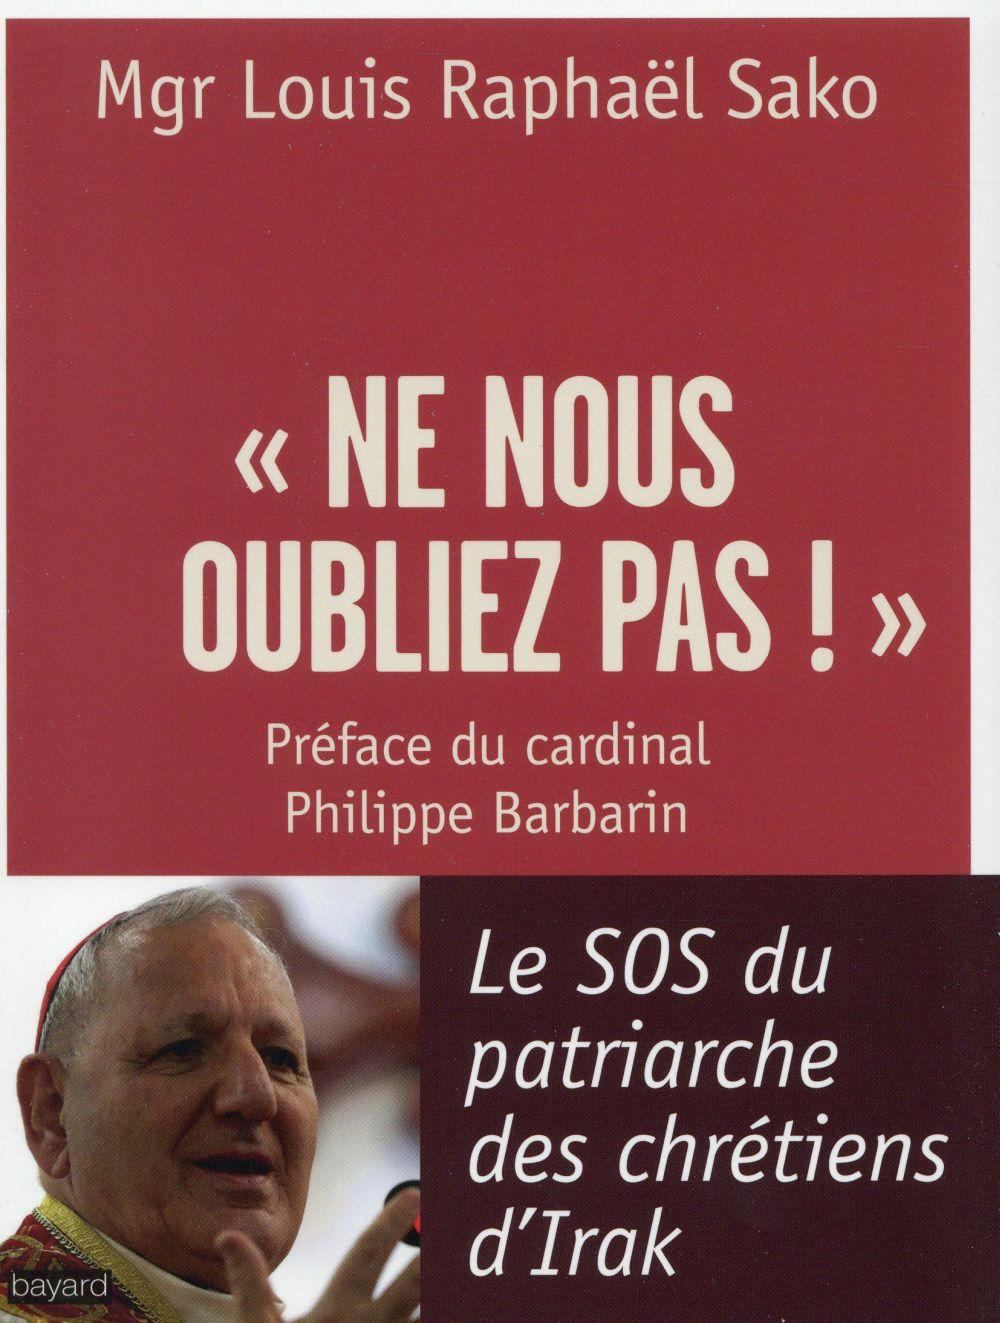 NE NOUS OUBLIEZ PAS ! - LE S.O.S DU PATRIARCHE DES CHRETIENS D'IRAK